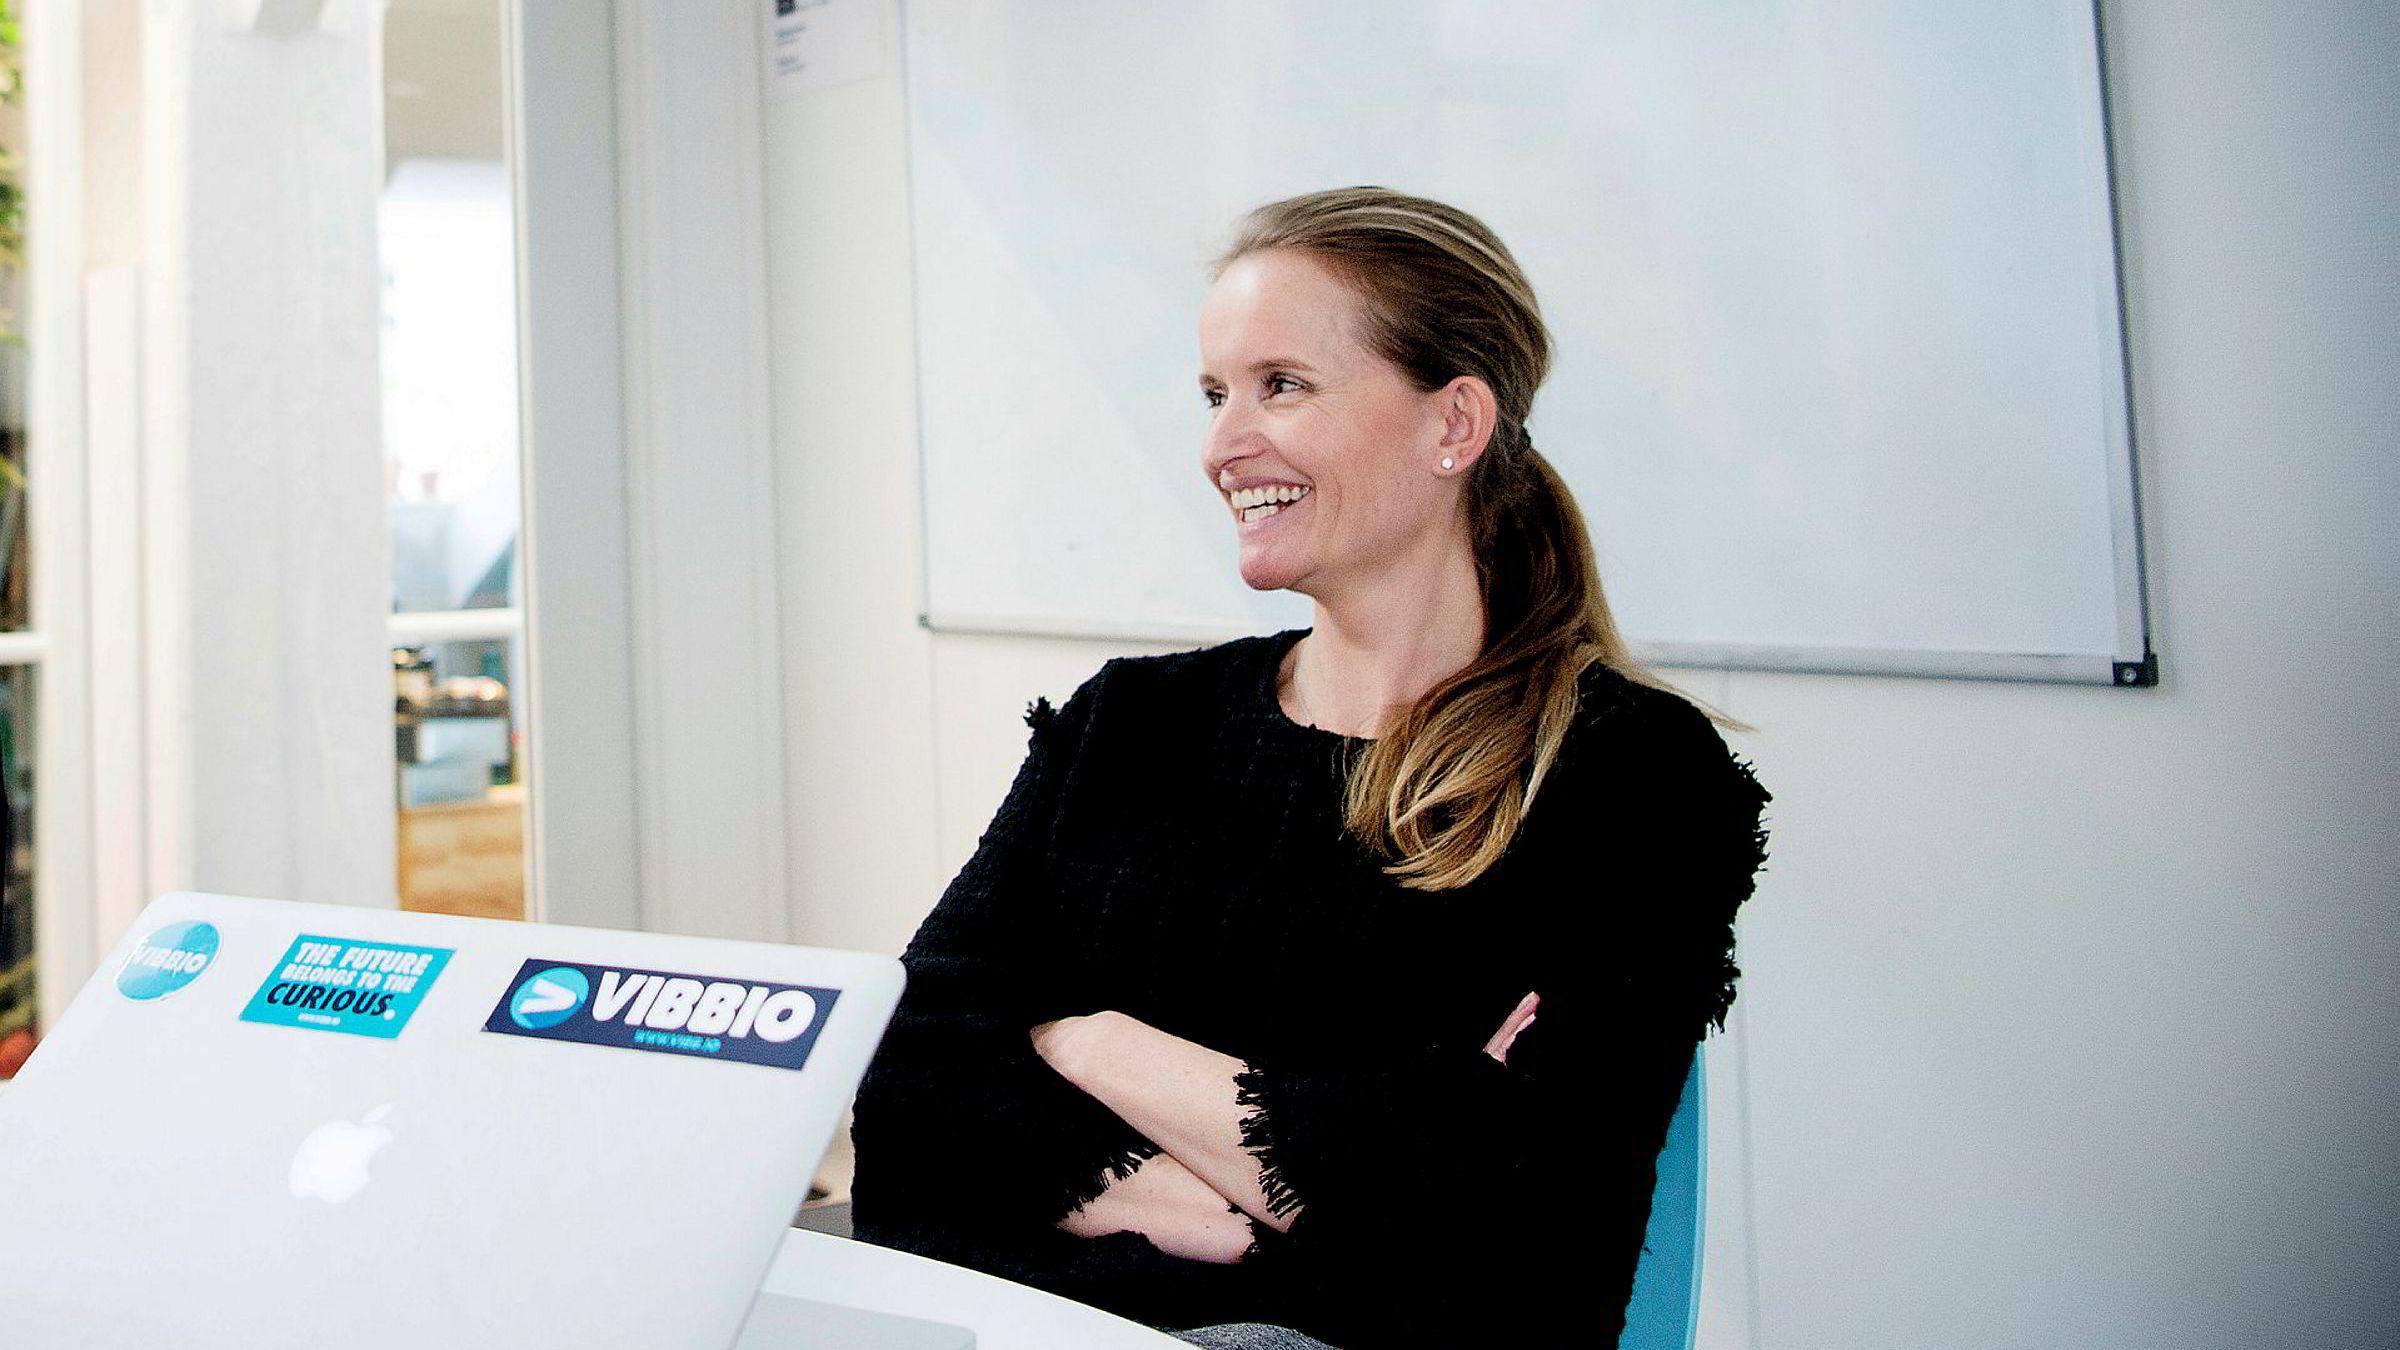 4944b2f3 Administrerende direktør i Vibbio, Marianne Bratt Ricketts, ville helst  vært på nachspiel med Elon